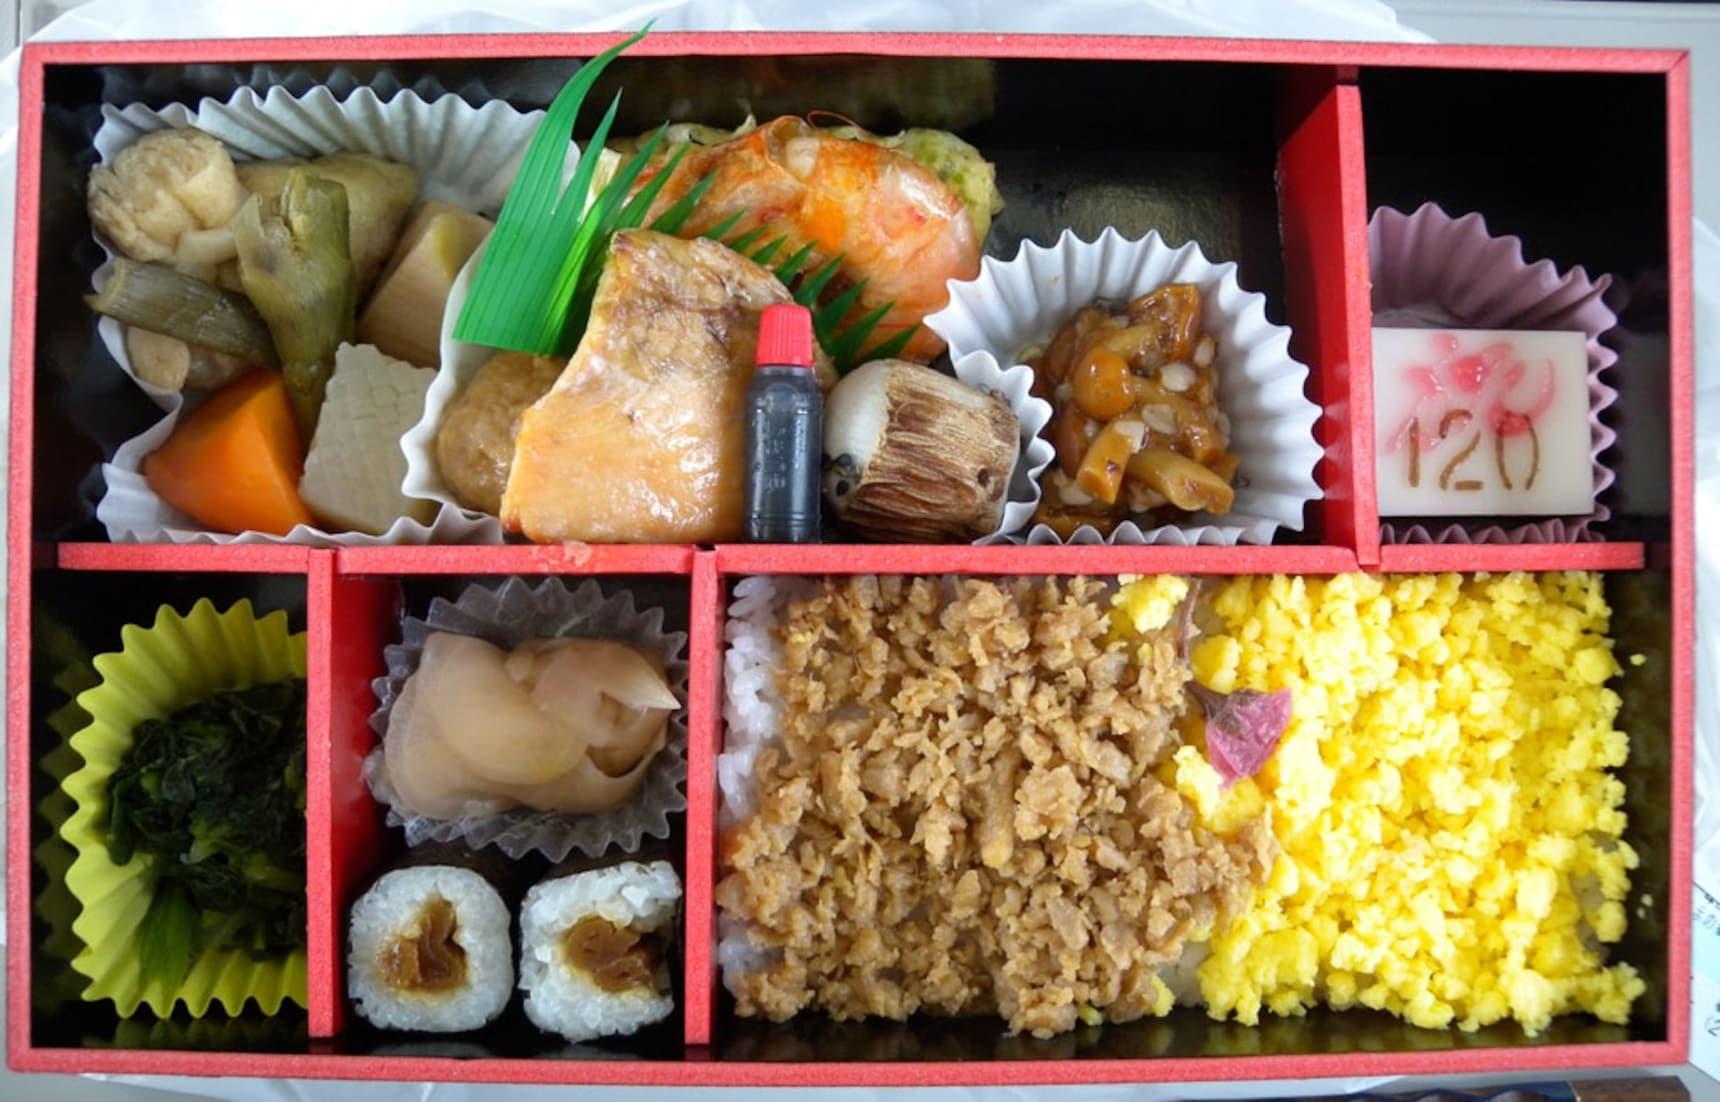 7 ข้าวกล่องน่ากินของสถานีรถไฟจังหวัดต่างๆ